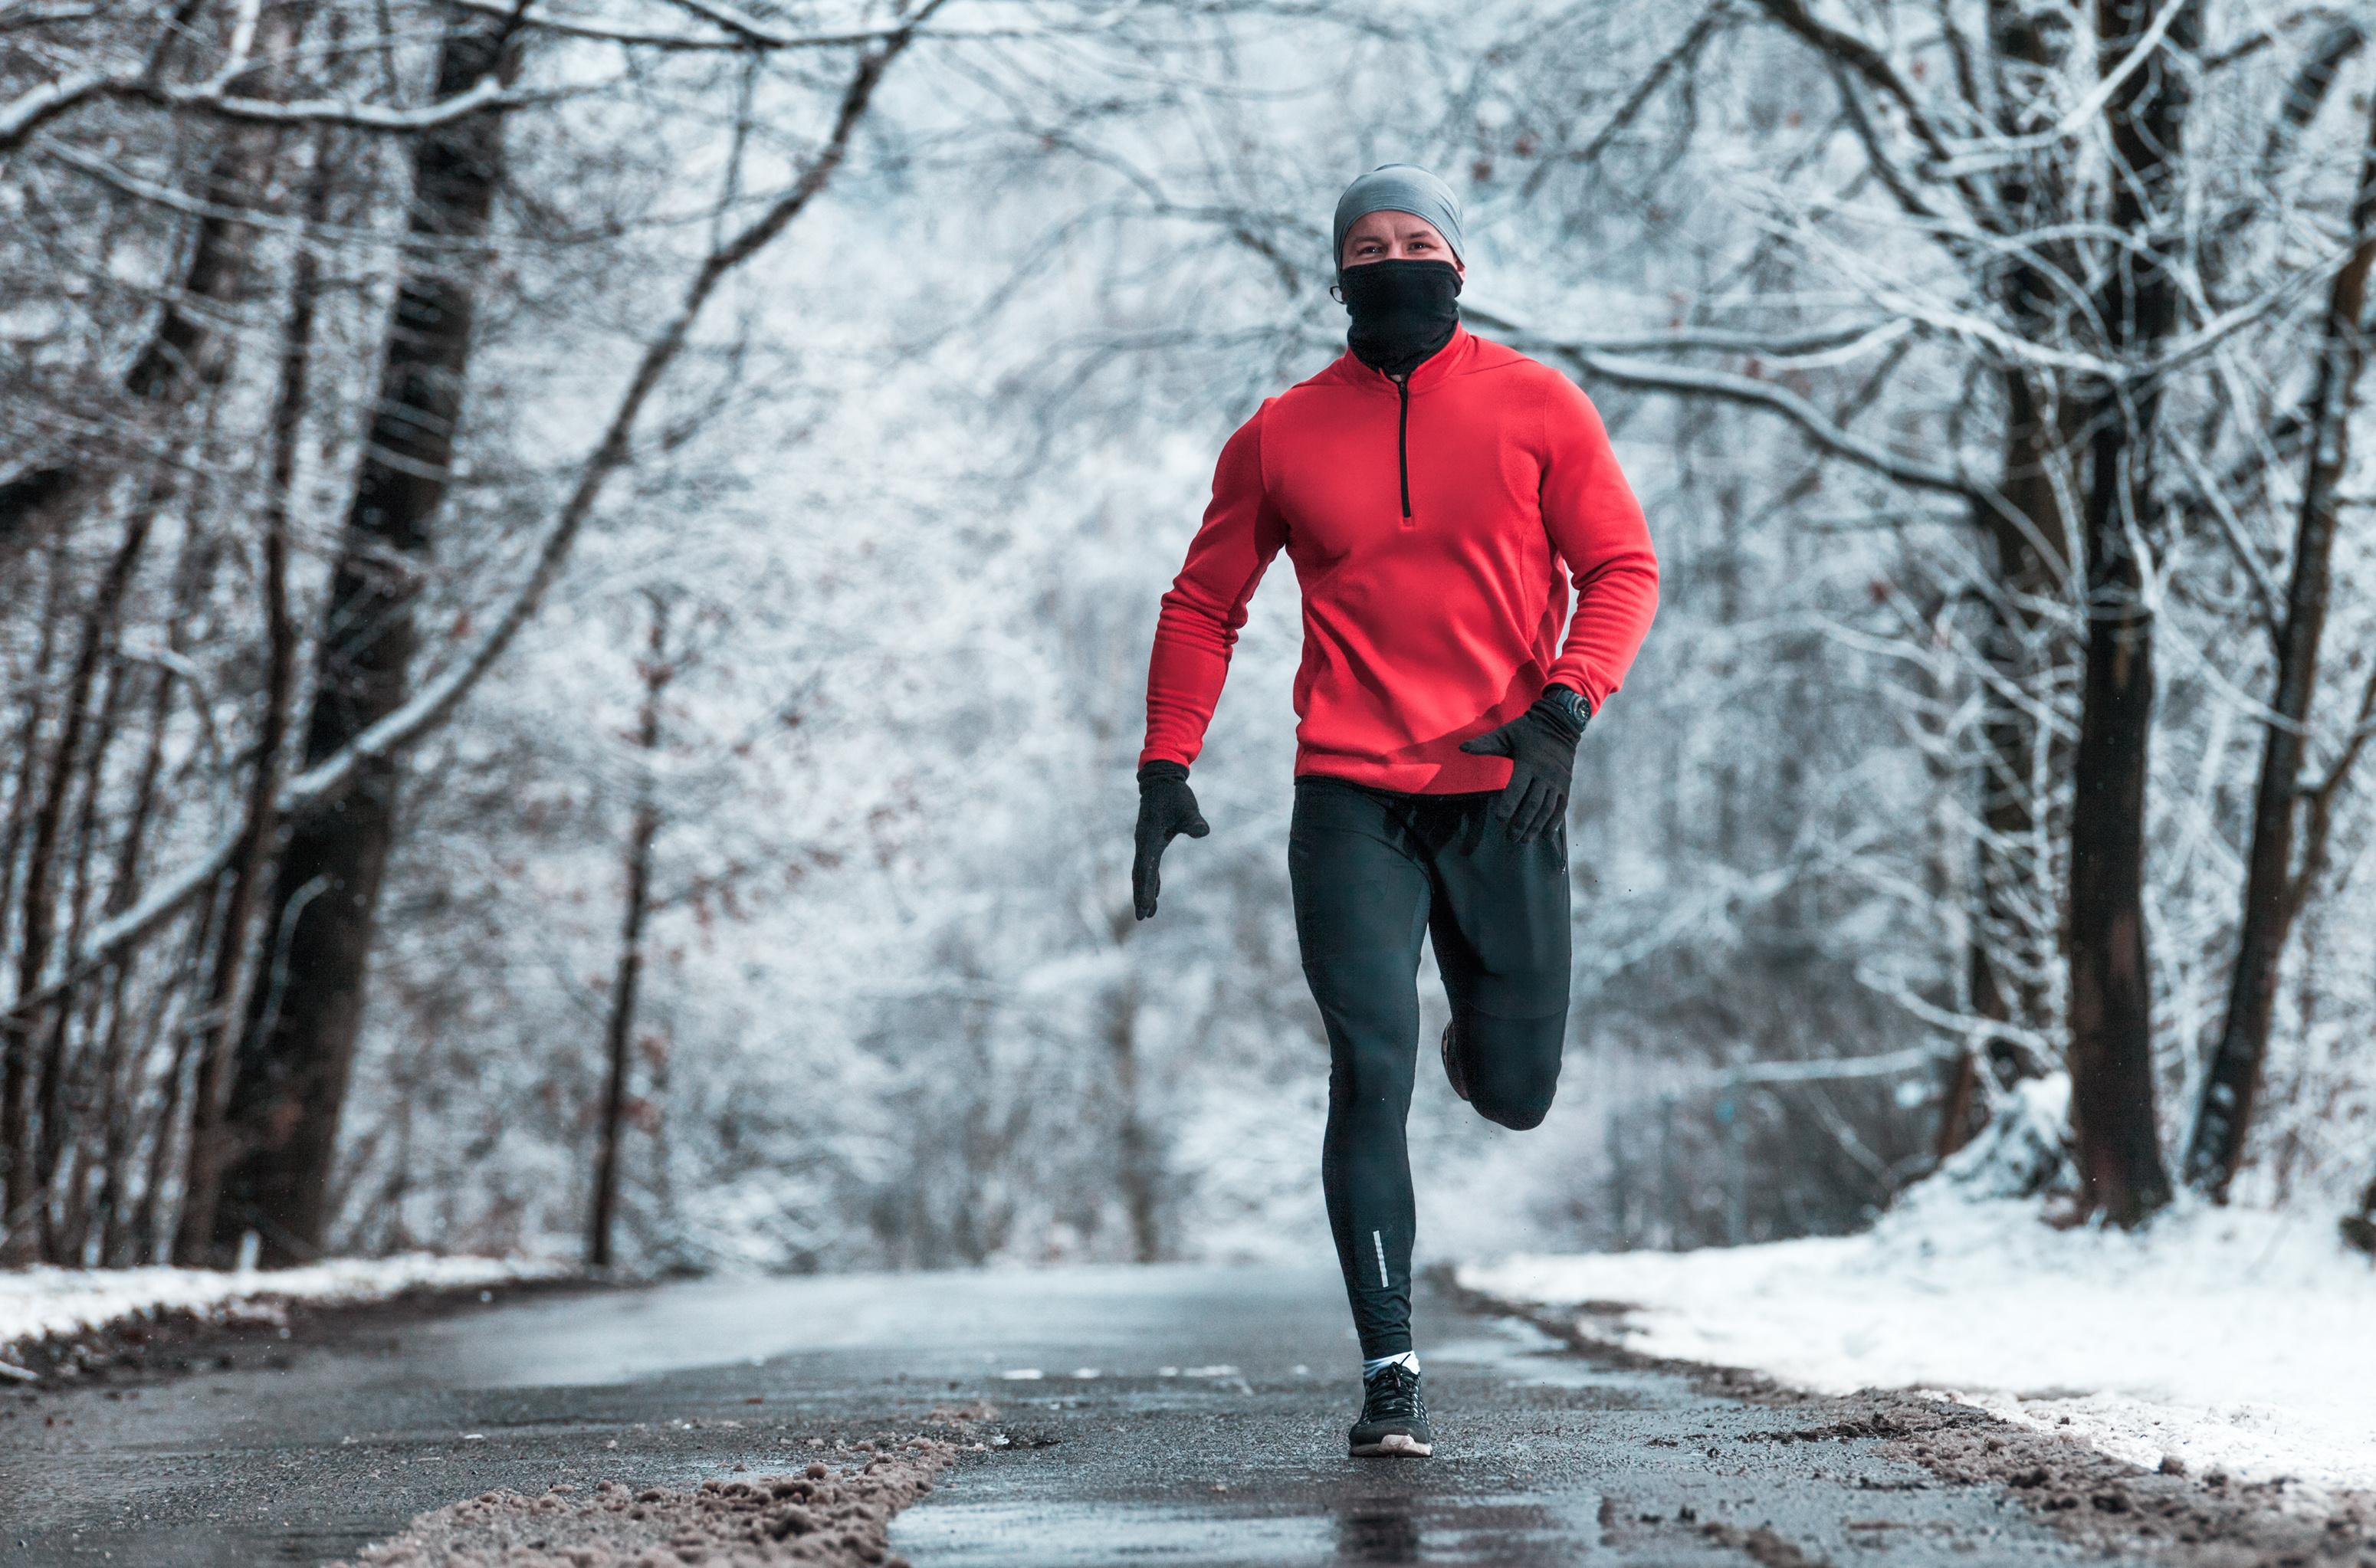 Laufen im Winter: Mann mit Mütze, Schal und Handshuh joggt durch Winterlandschaft